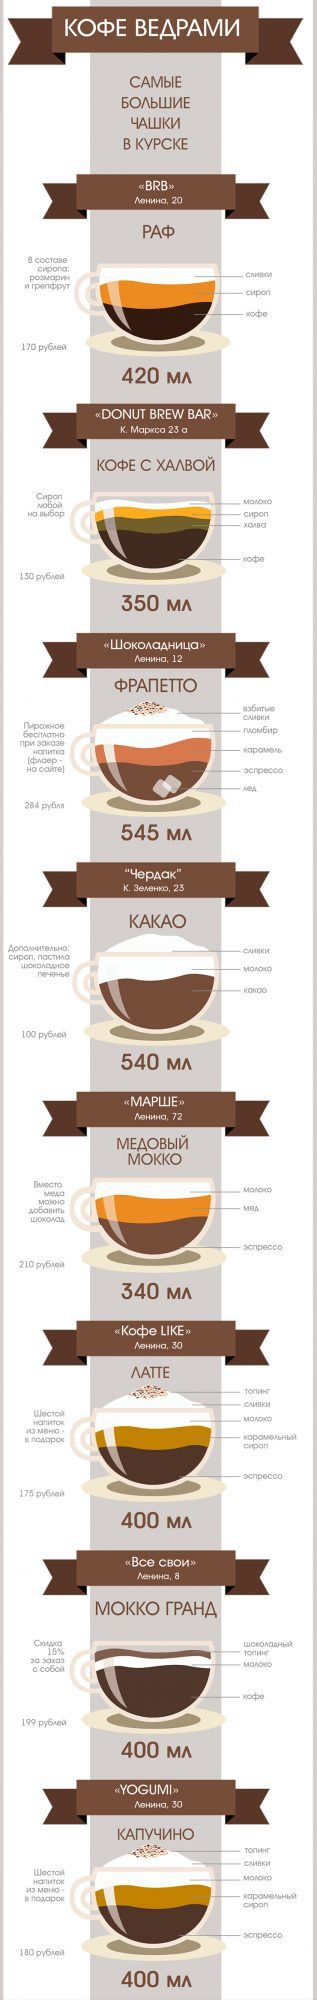 Темы  Кофе ведрами: где наливают самые большие чашки в городе?